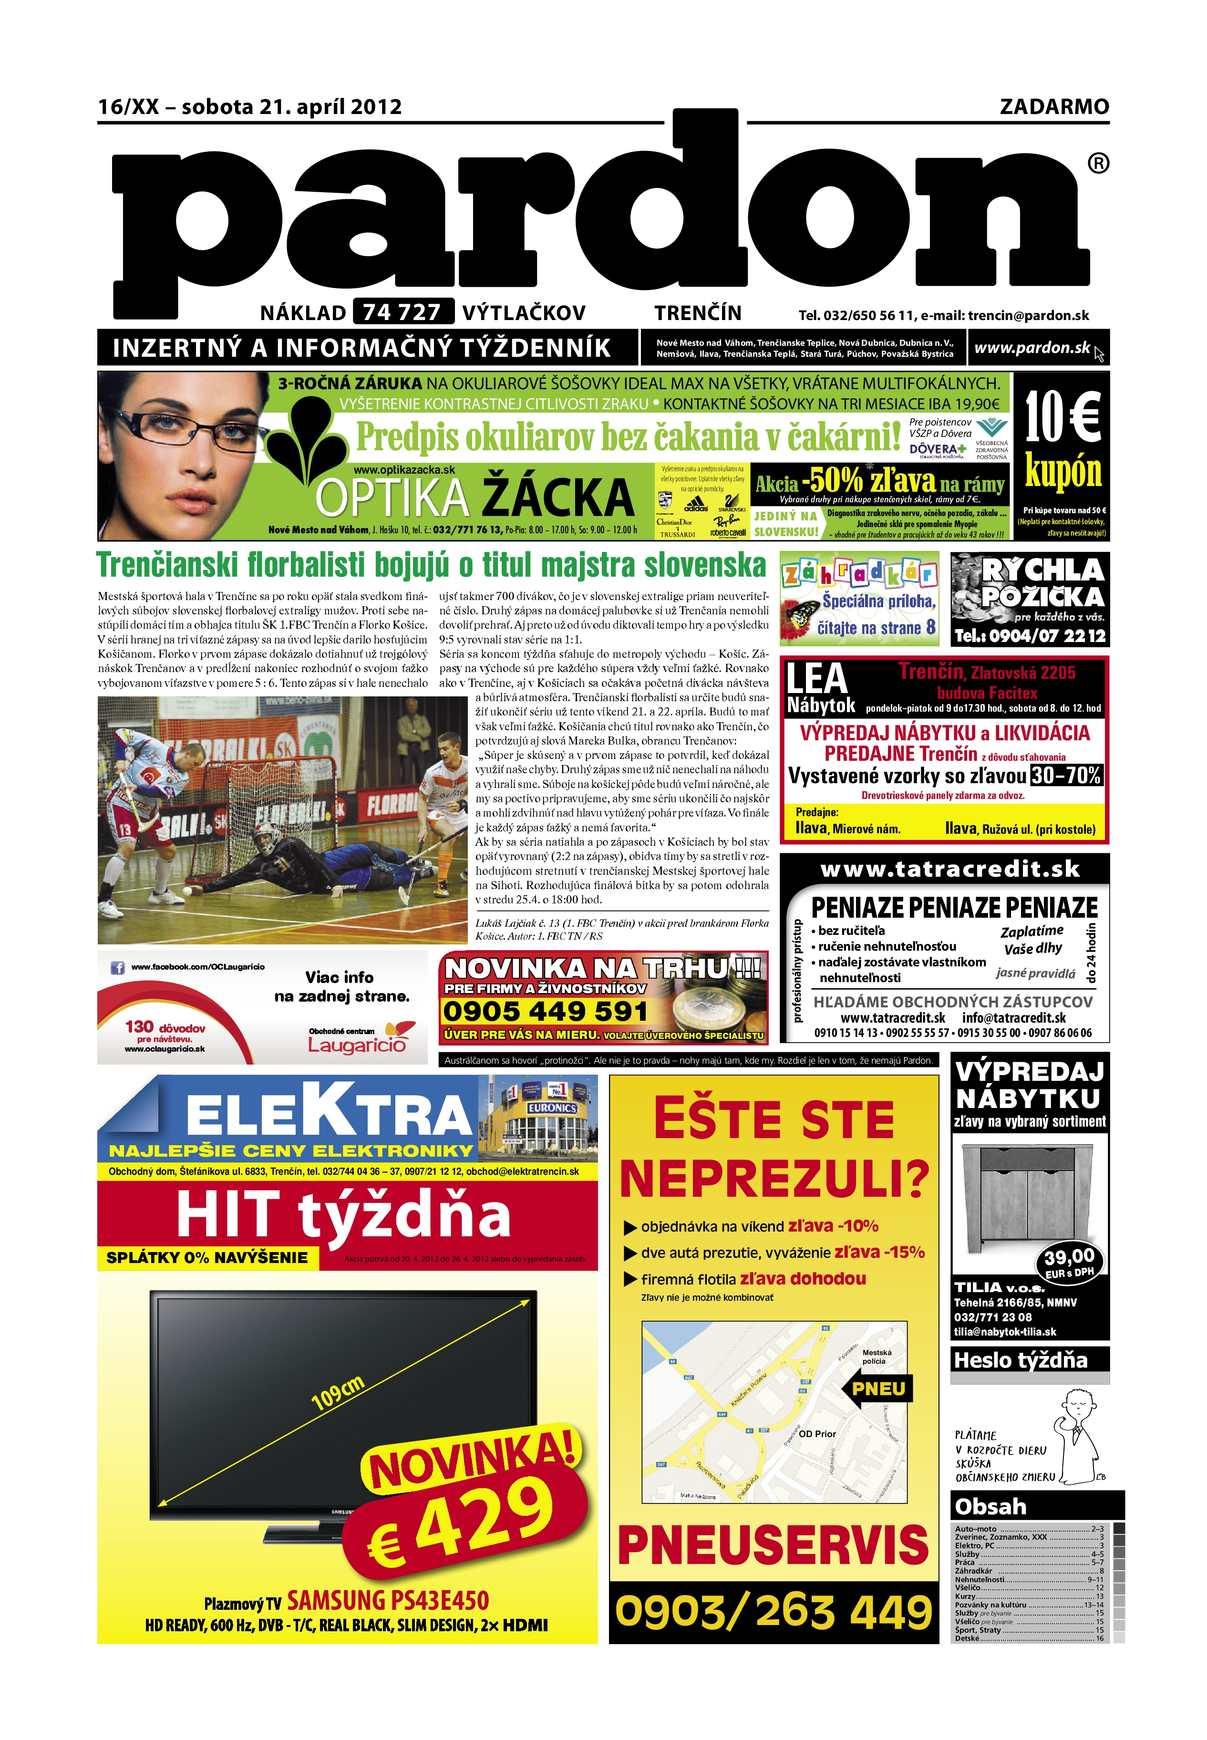 Calaméo - 16 TN 2012 WEB da7330f2676